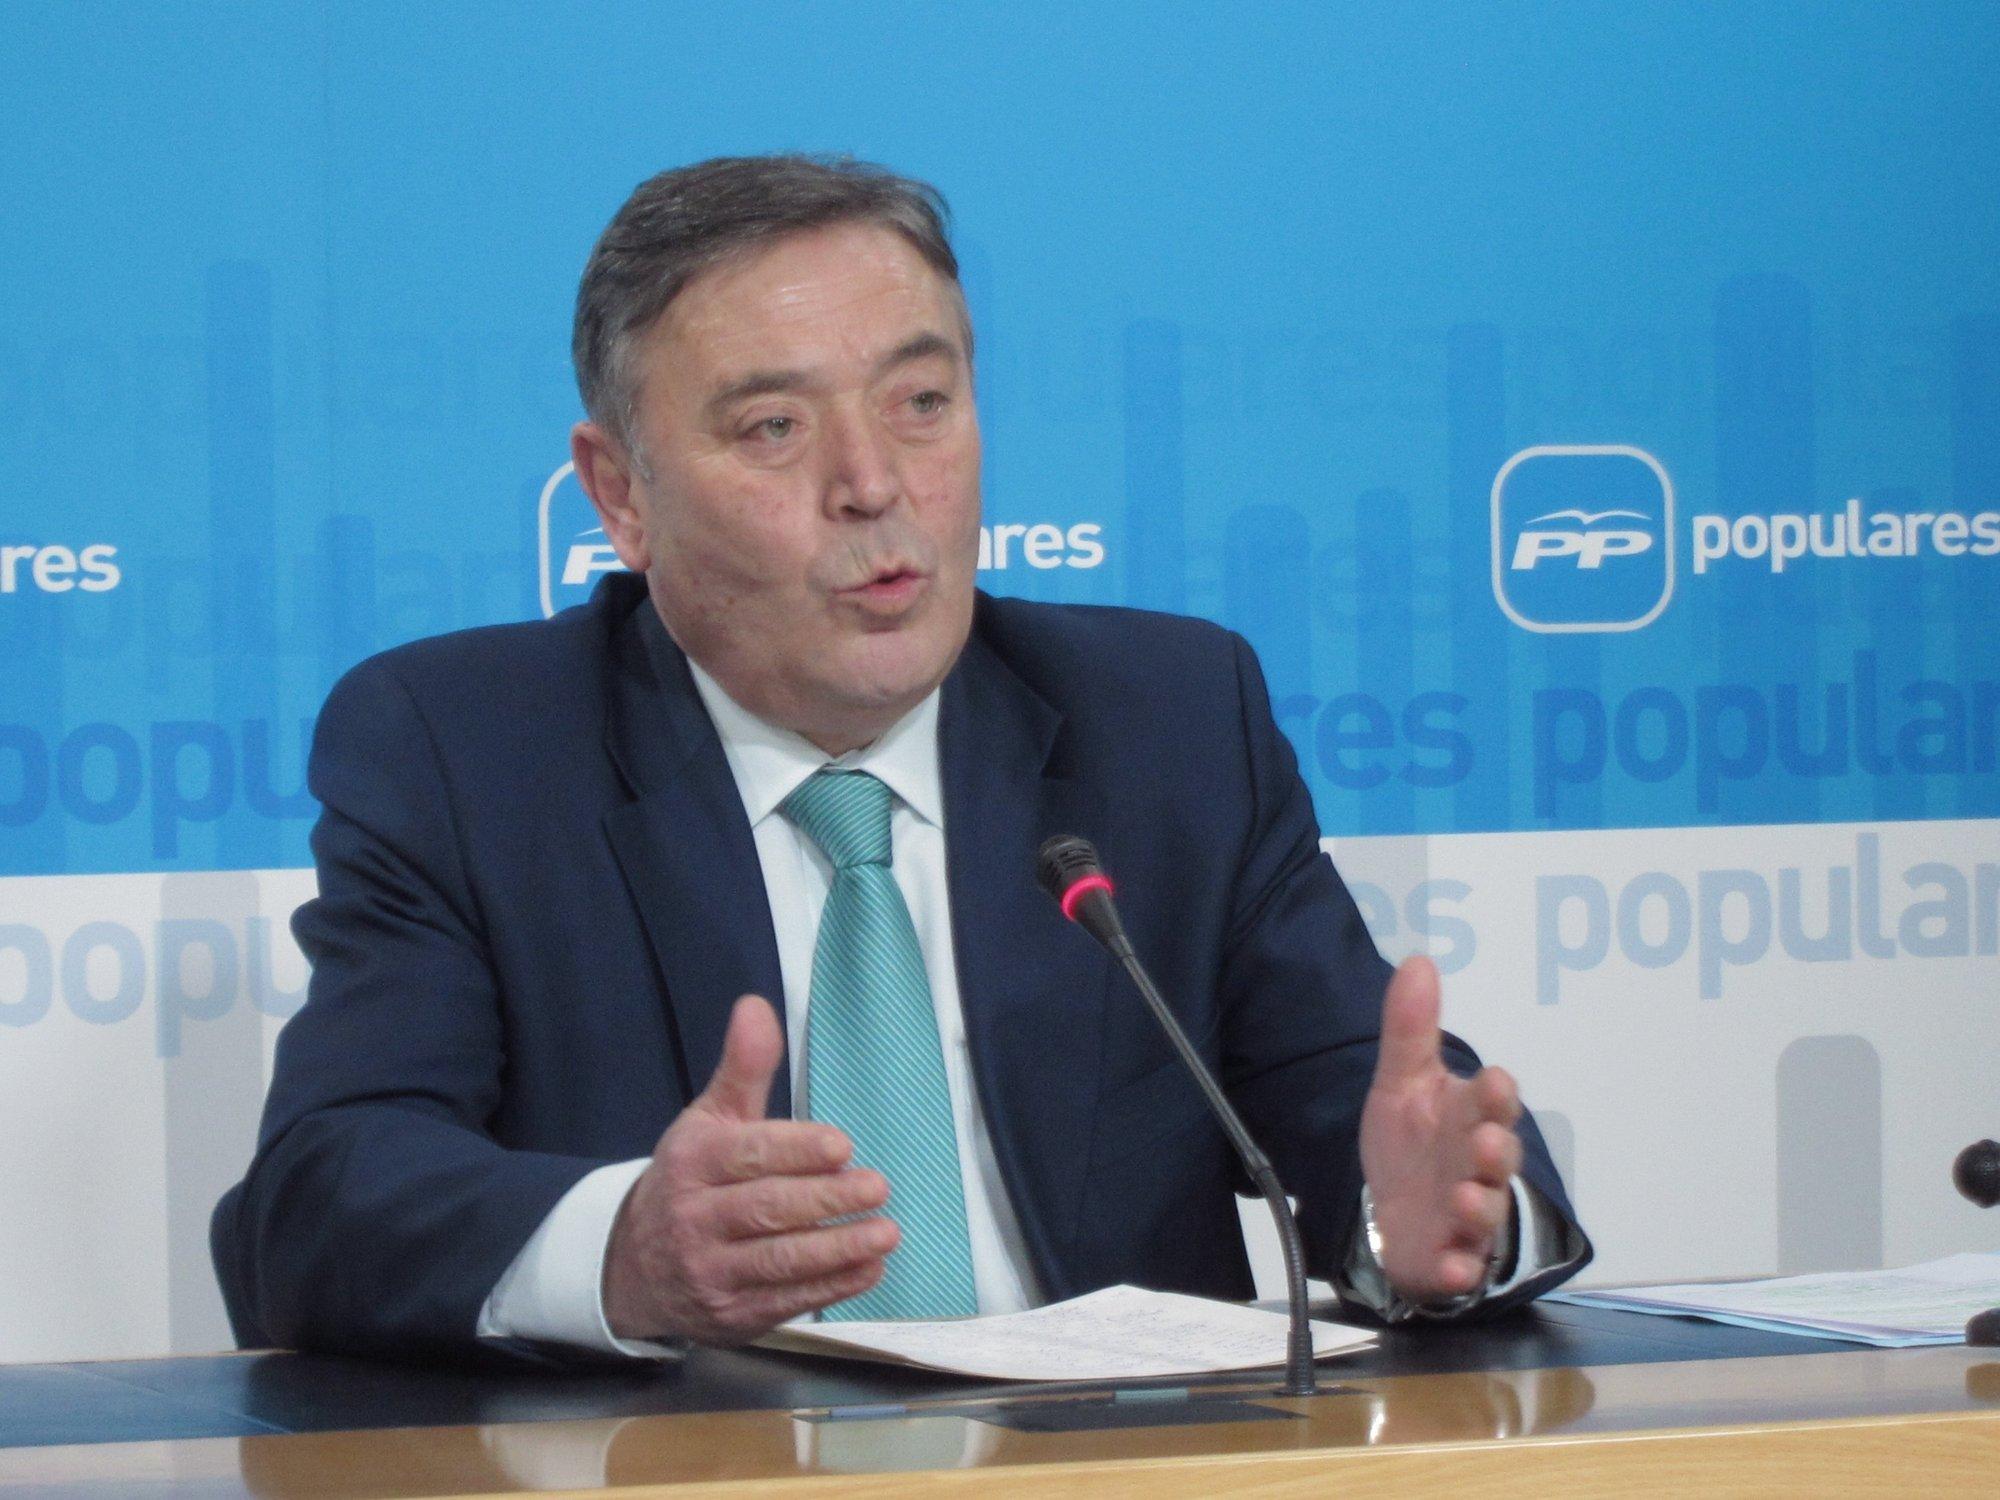 PP explica que es Gicaman y no Echániz quien tiene competencias en la rescisión del contrato del hospital de Toledo